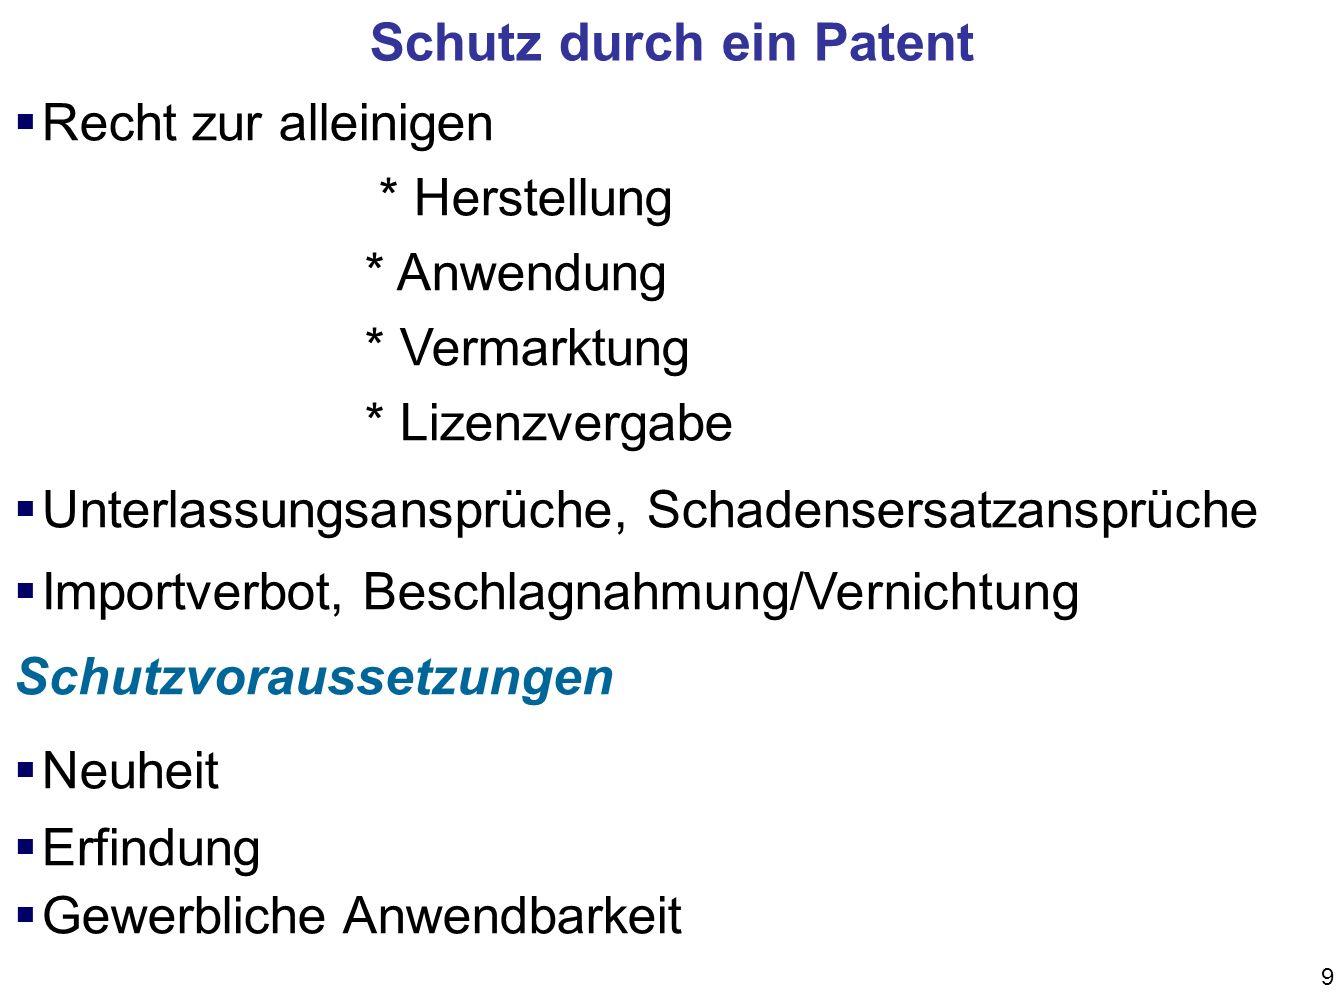 9 Recht zur alleinigen * Herstellung * Anwendung * Vermarktung * Lizenzvergabe Unterlassungsansprüche, Schadensersatzansprüche Importverbot, Beschlagnahmung/Vernichtung Schutzvoraussetzungen Neuheit Erfindung Gewerbliche Anwendbarkeit Schutz durch ein Patent